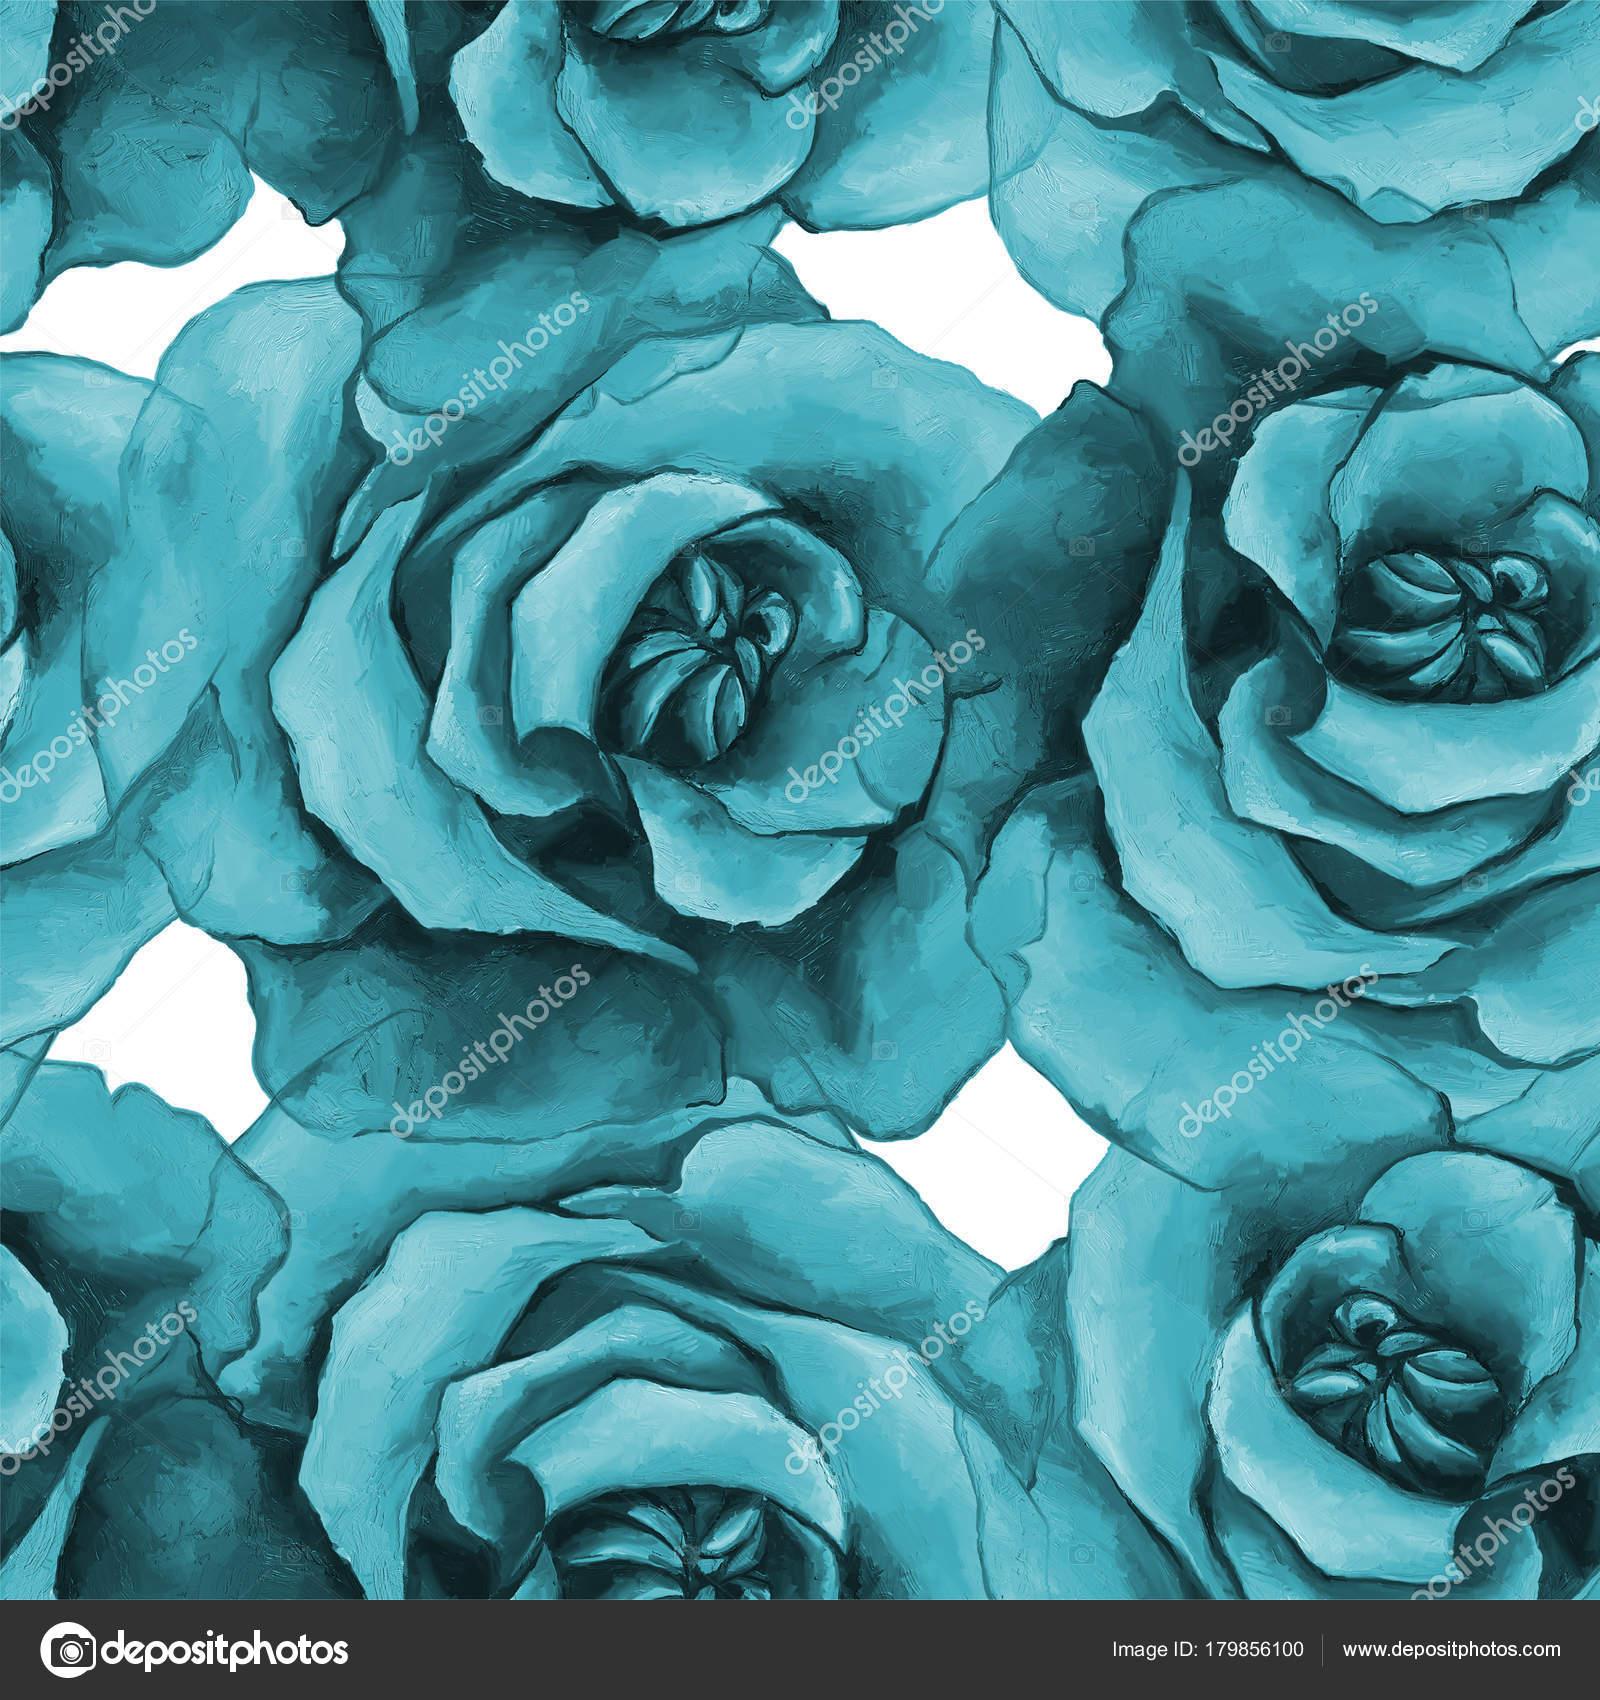 Fotos Rosas Negras Azules Textura Transparente Con Rosas Azules